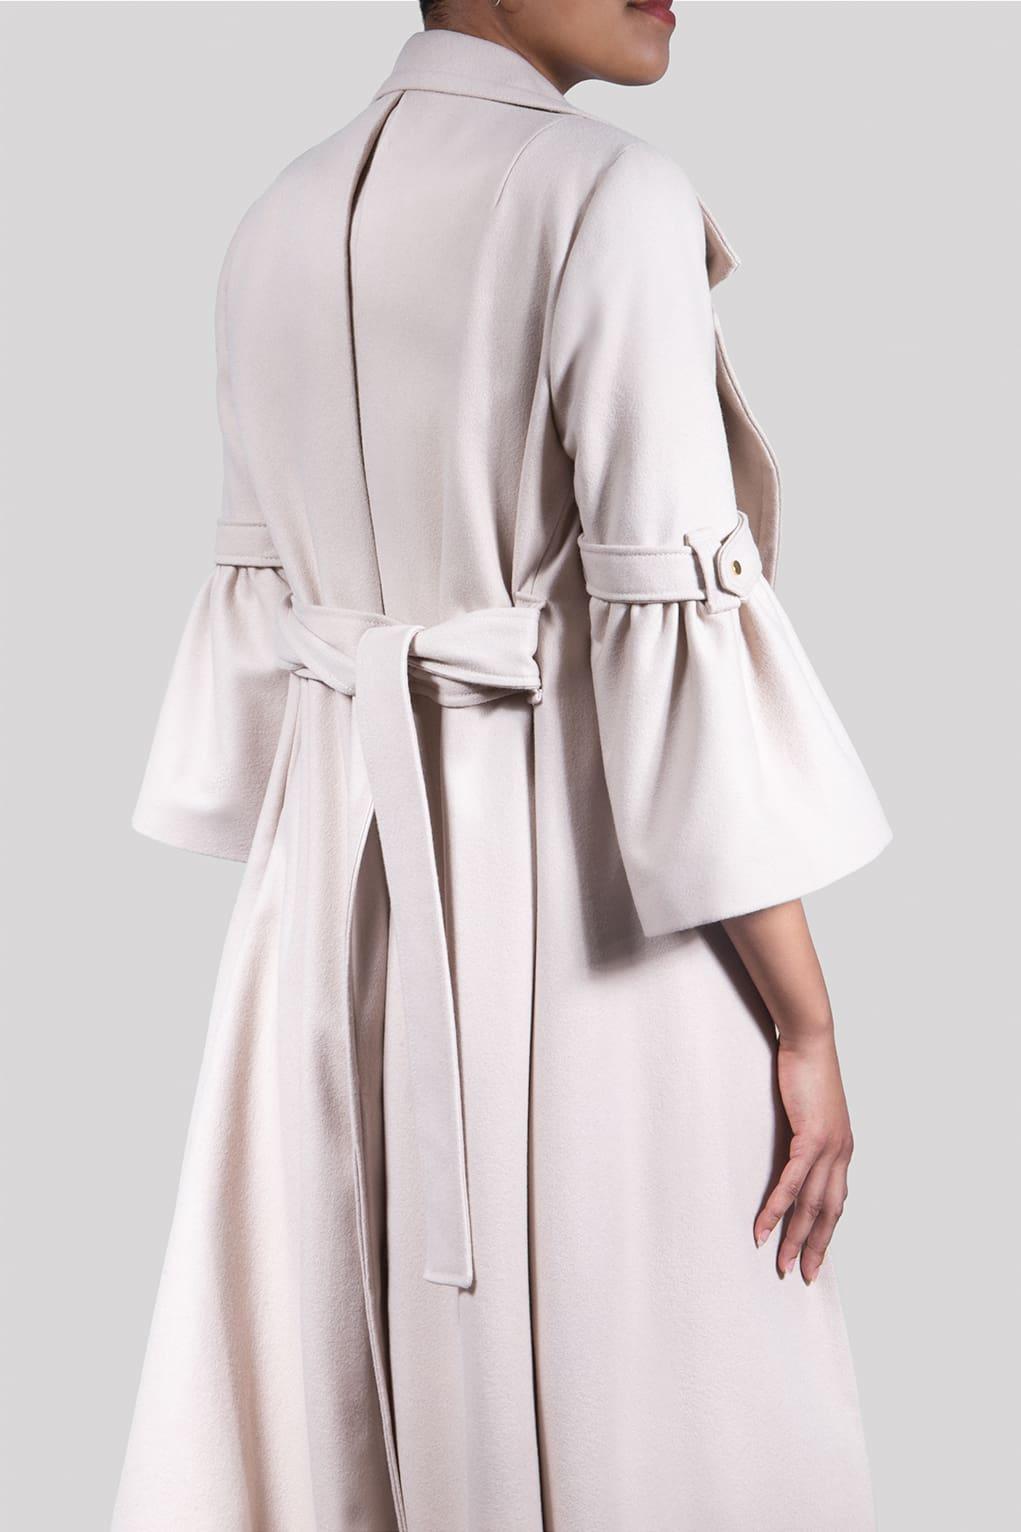 VALDONE Au - Back of the beige colour British wool maxi designer coat ELODIE